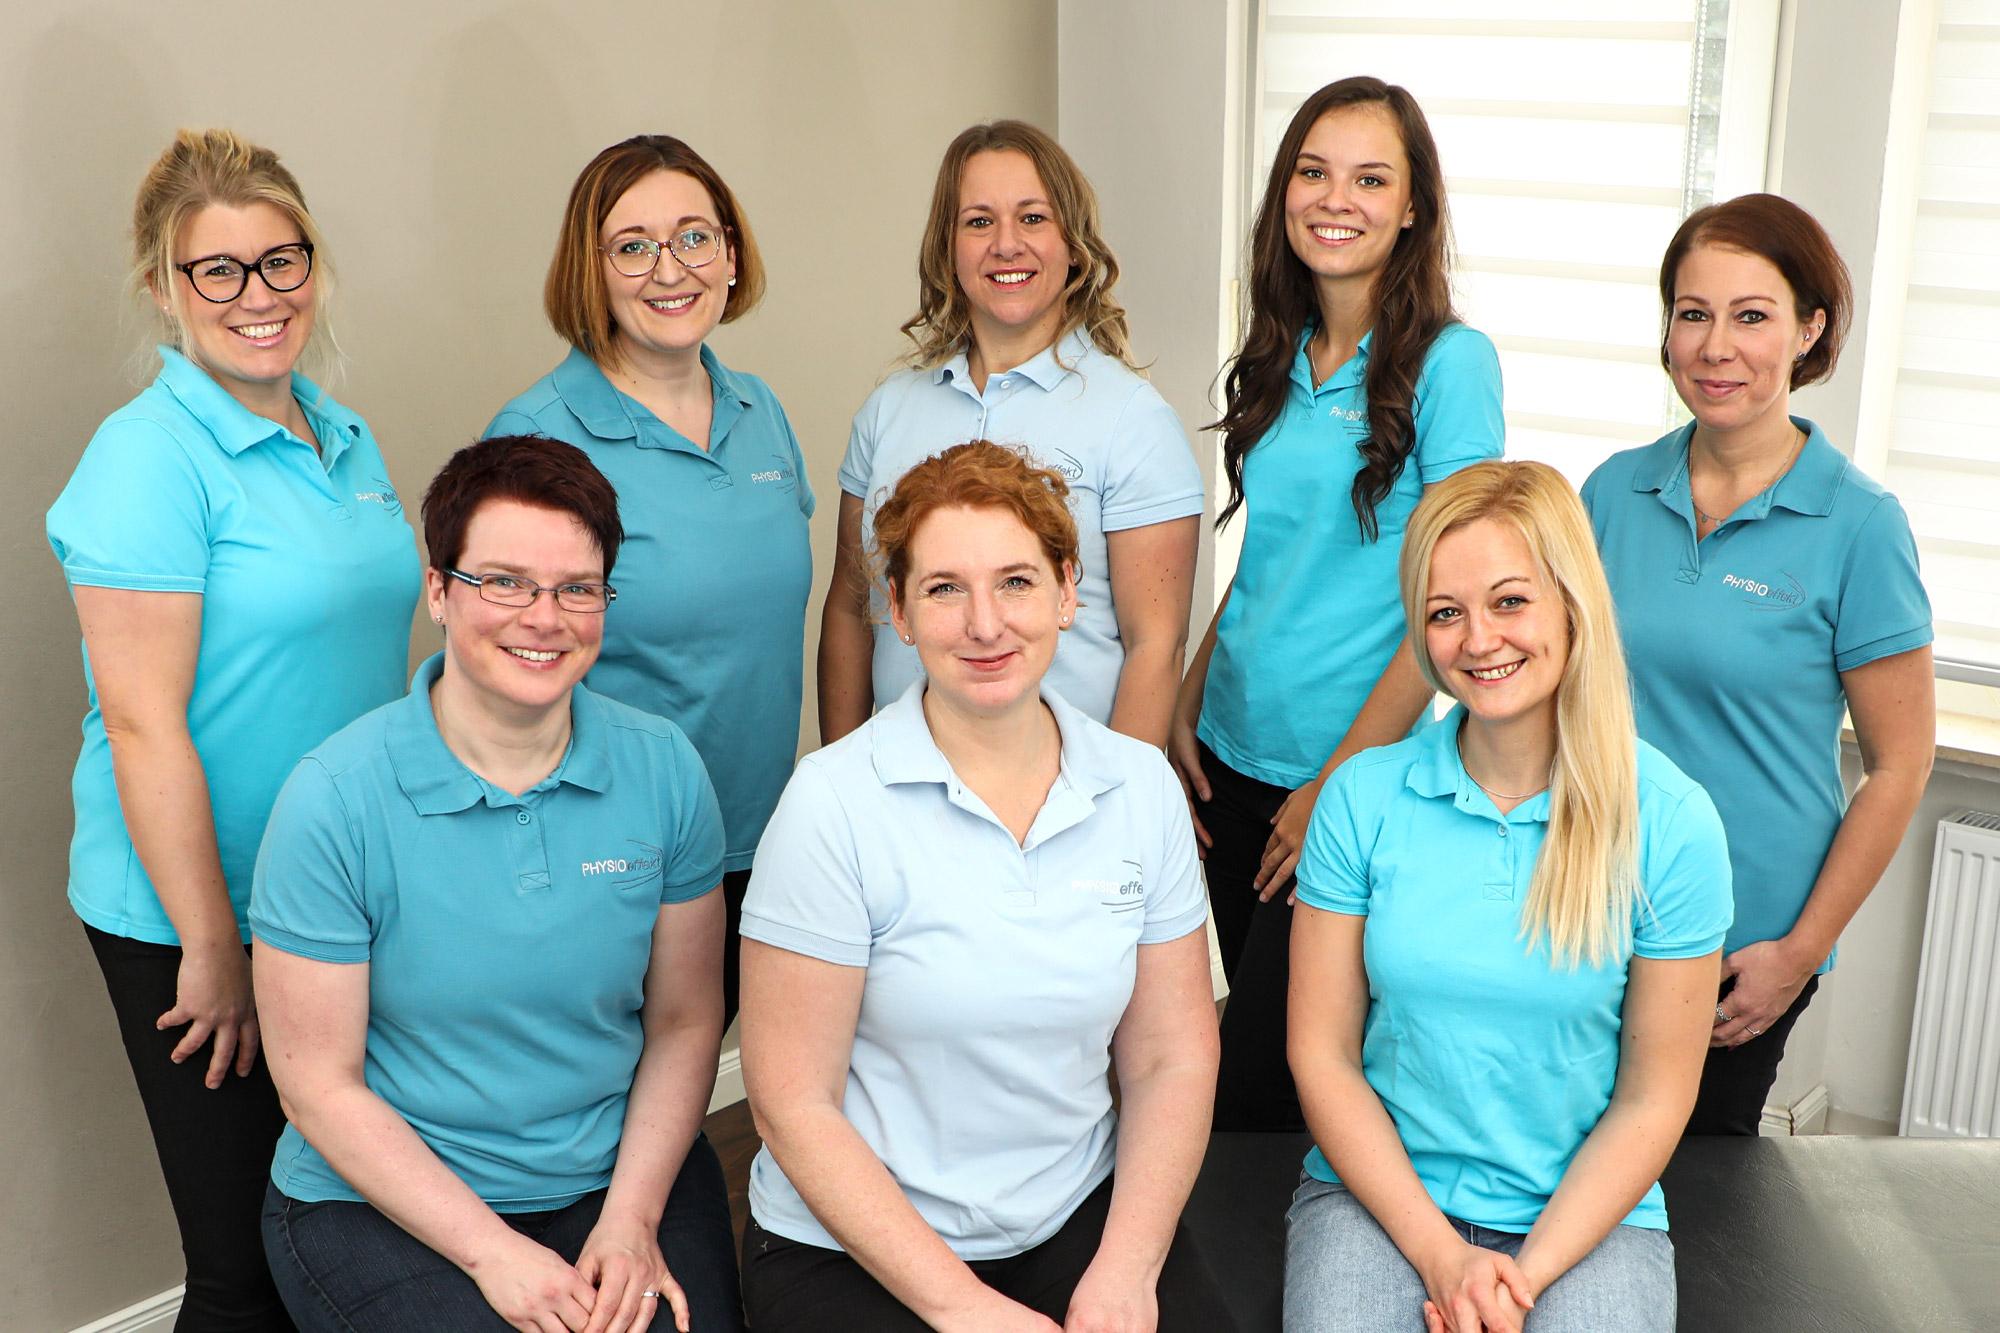 Team Physioeffekt • Praxis für Physiotherapie Paderborn • Krankengymnastik Paderborn • Wellness und Massage Paderborn • Claudia Lüke